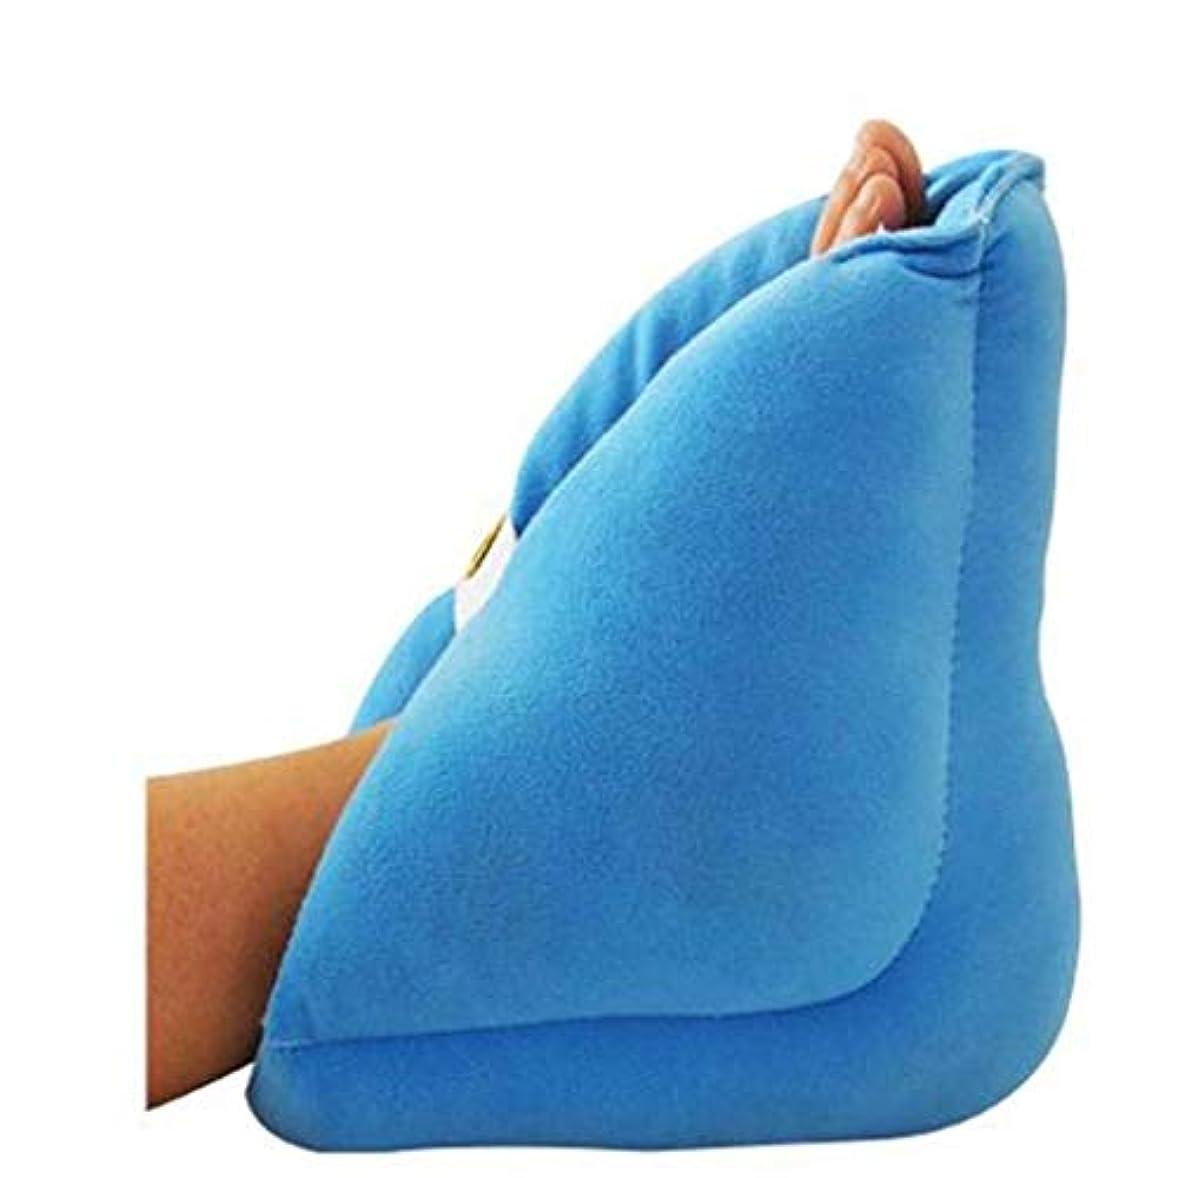 潜むスケルトン実際に柔らかく快適なヒールプロテクター枕、ヒールフロートヒールプロテクター、Pressure瘡予防のためのアキレス腱プロテクター、高齢者の足補正カバー (Color : 1pair)